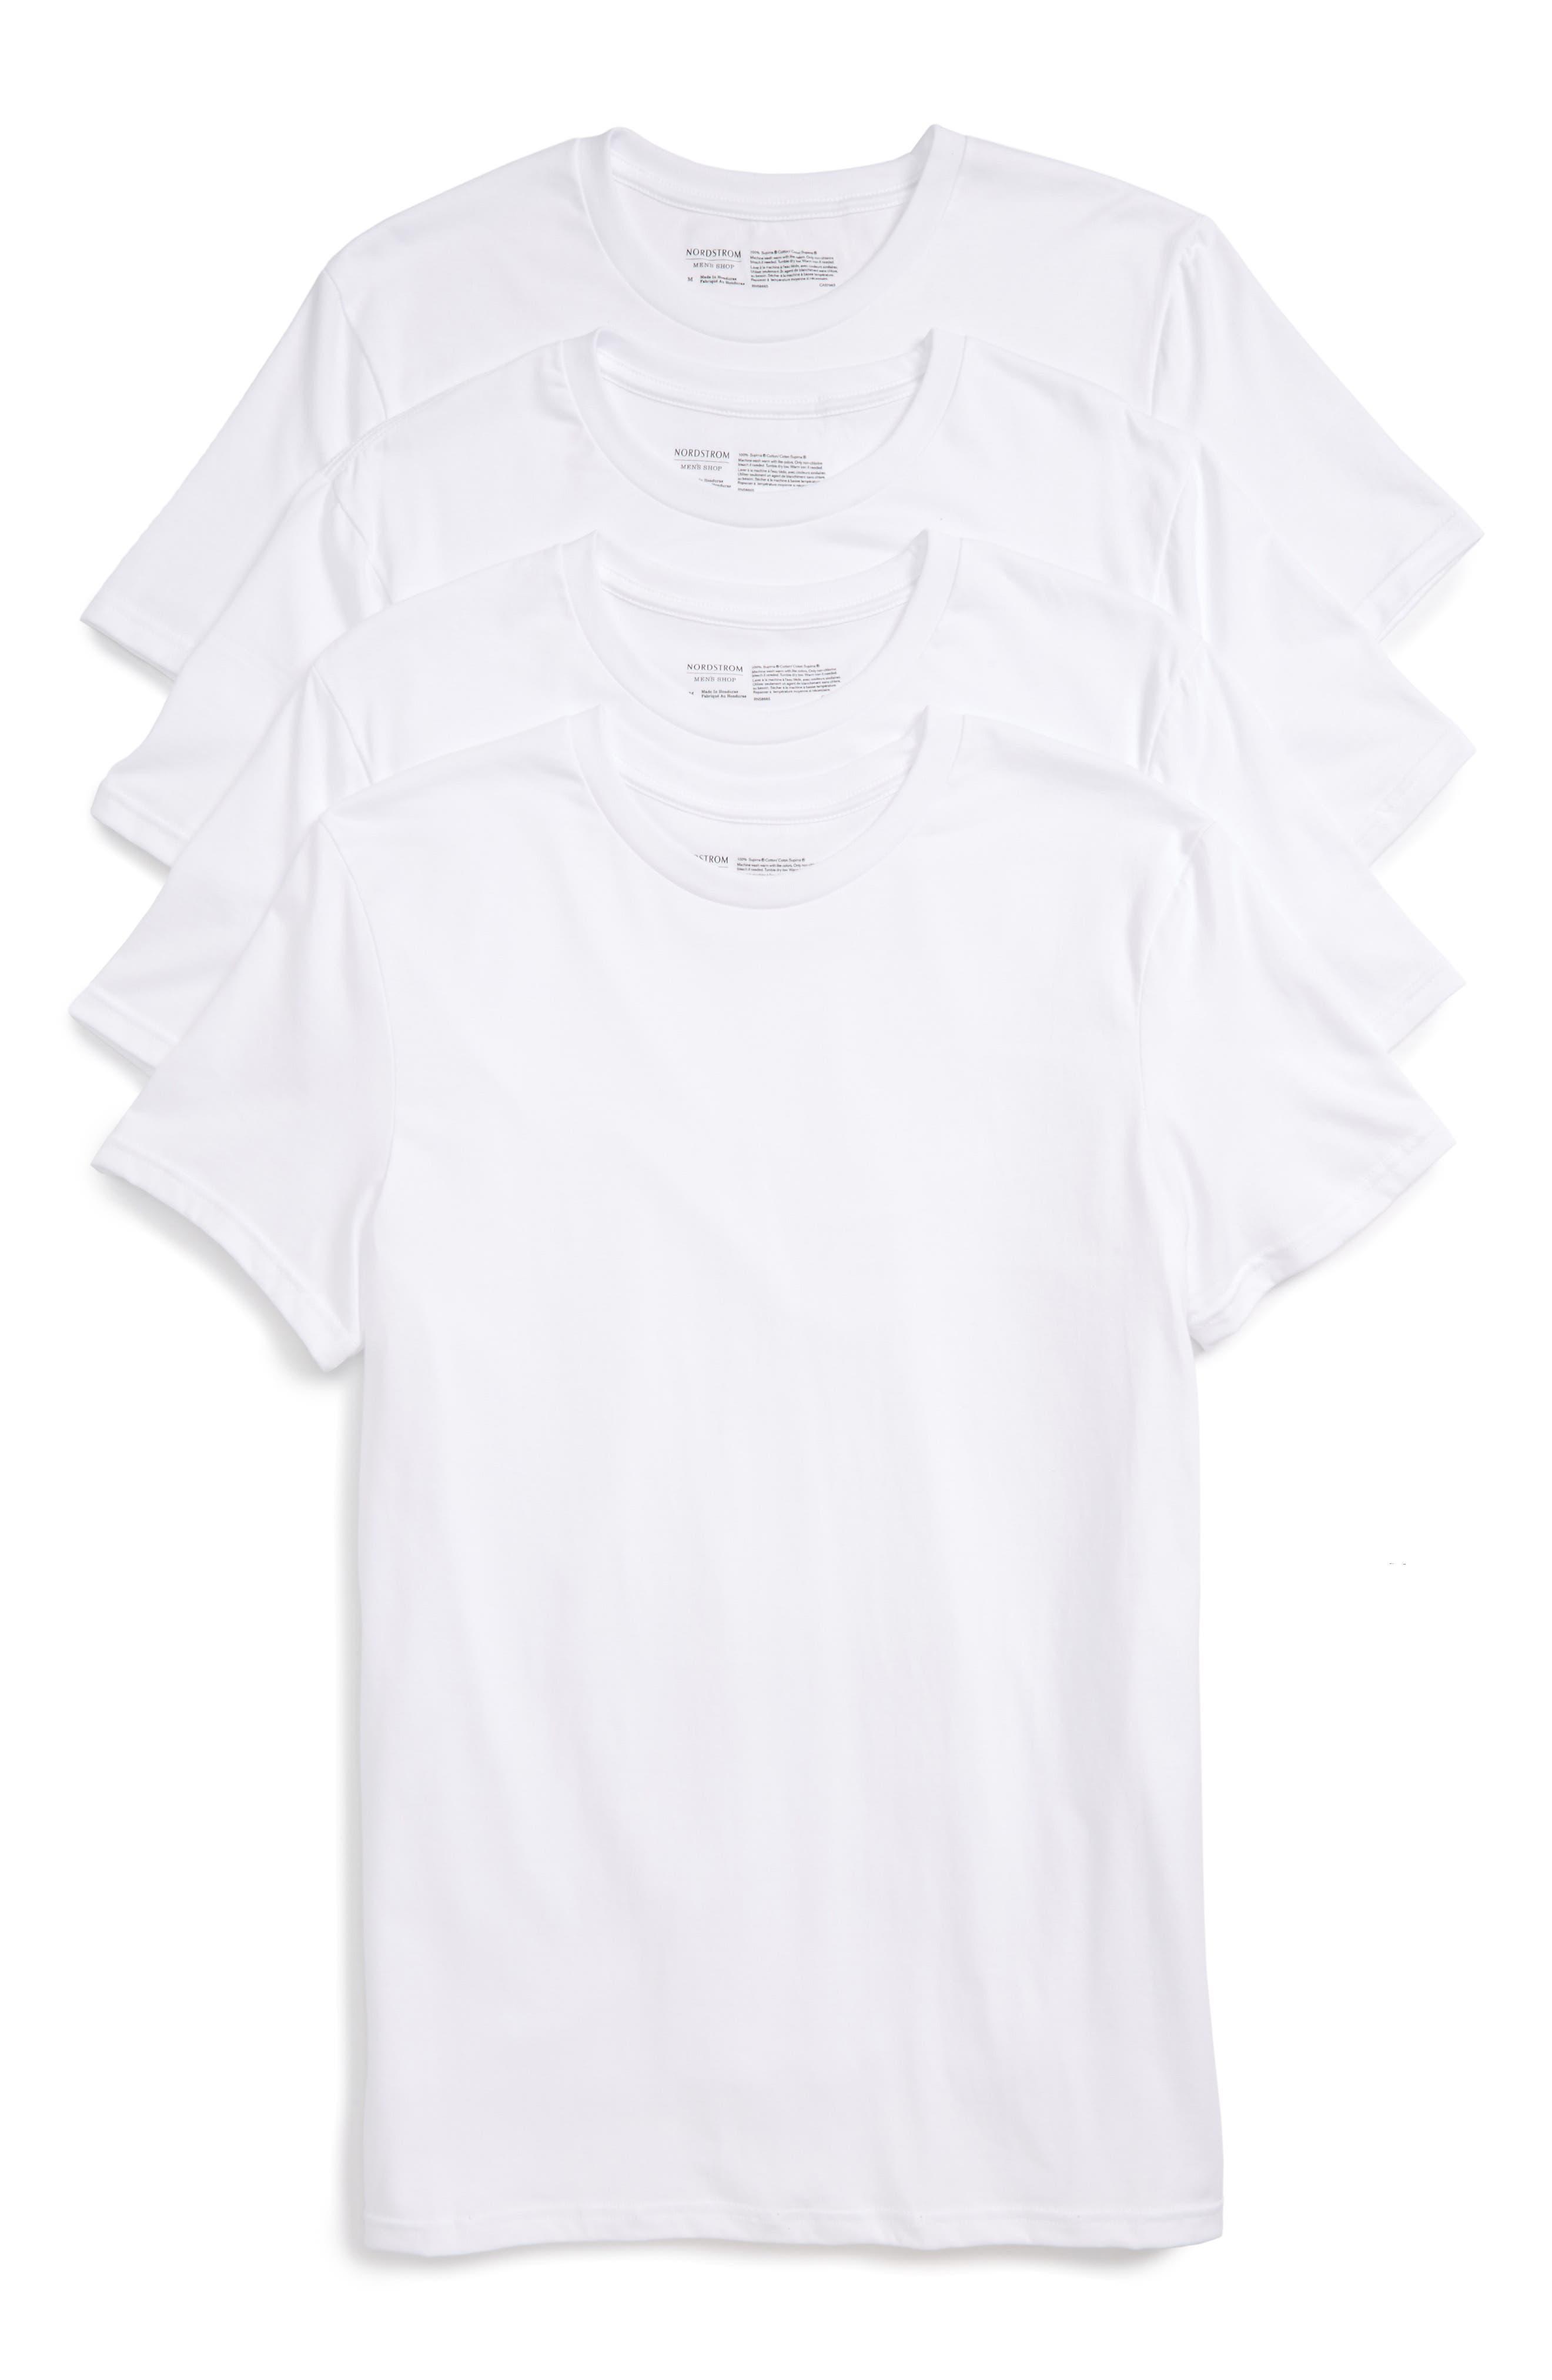 NORDSTROM MEN'S SHOP, 4-Pack Trim Fit Supima<sup>®</sup> Cotton Crewneck T-Shirt, Main thumbnail 1, color, WHITE